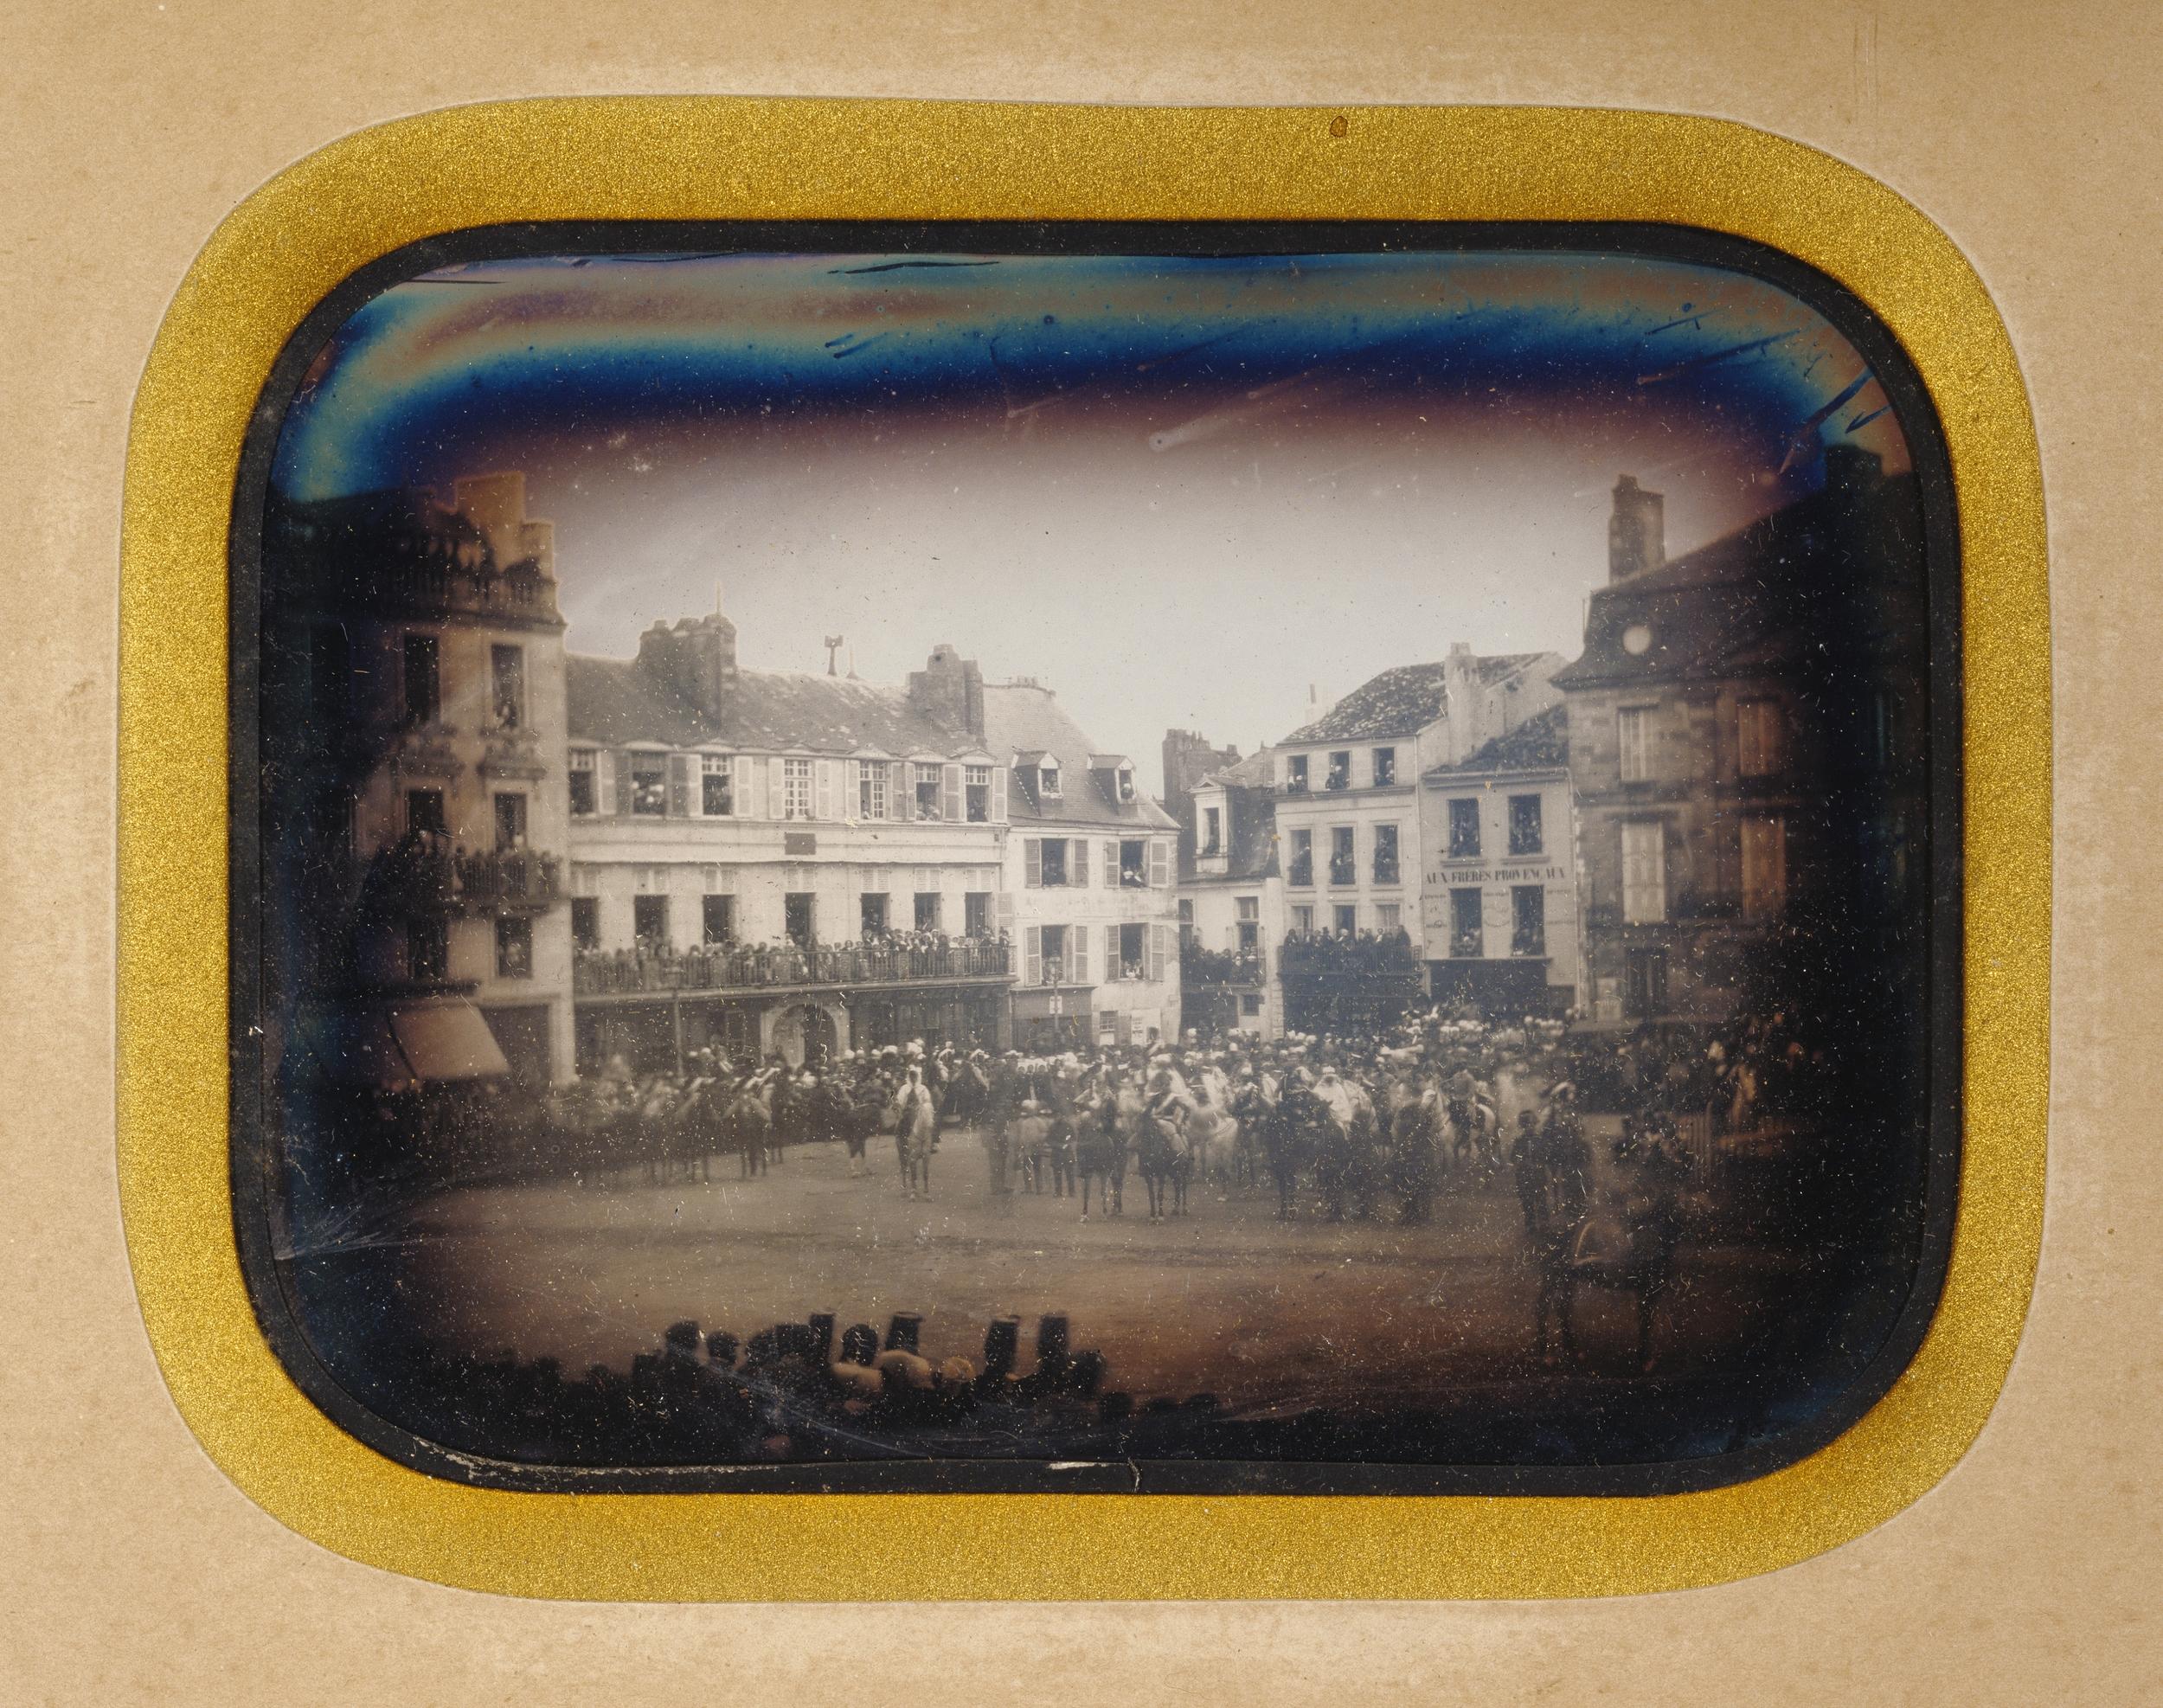 """Рис.11 """"Военный фестиваль в Пуатье, Франция"""" (автор неизвестен), 1851 г."""